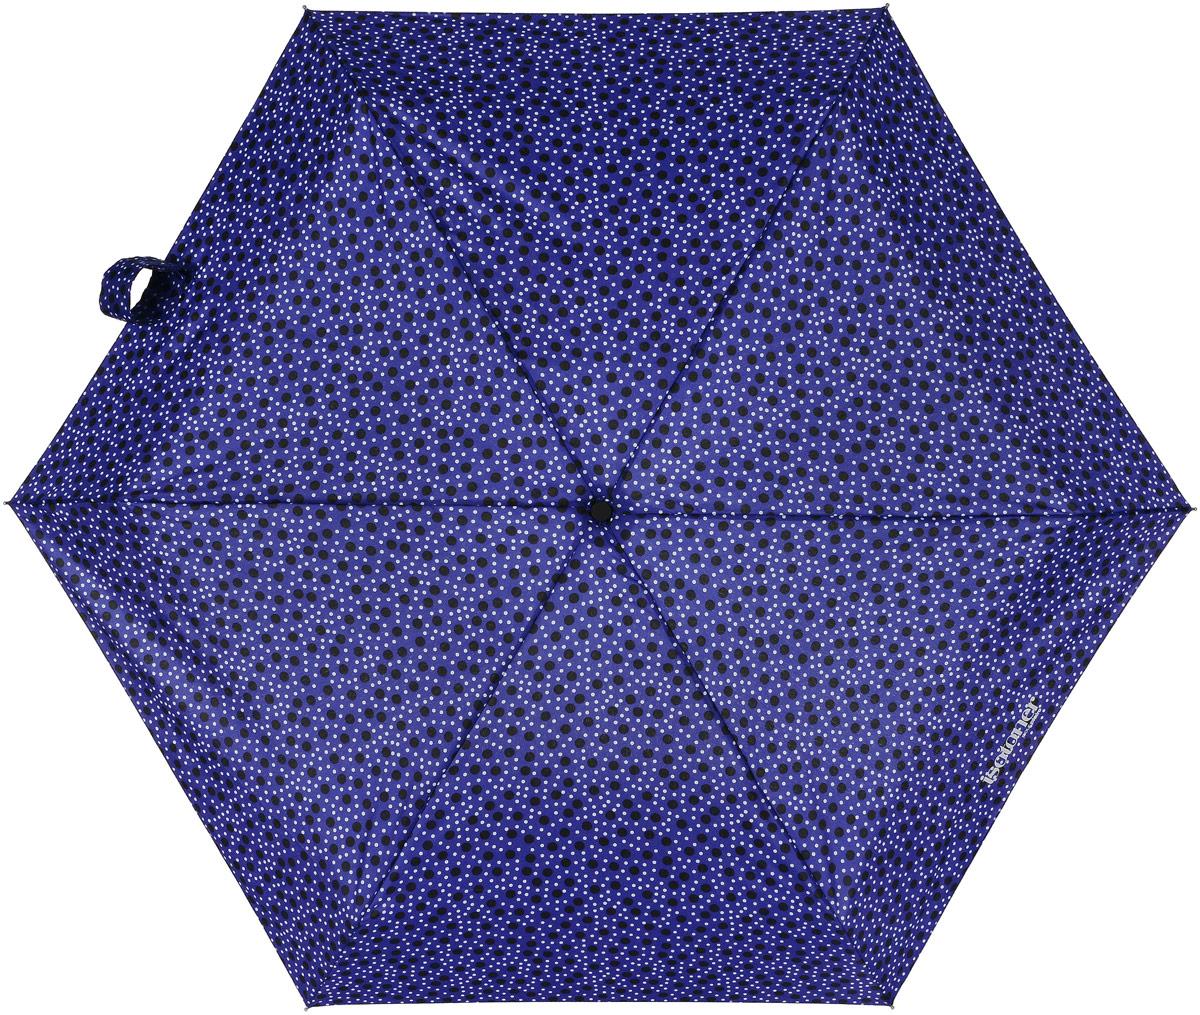 Зонт женский Isotoner Галактика, механический, 5 сложений, цвет: синий, мультиколор. 09137-3638Колье (короткие одноярусные бусы)Компактный женский зонт Isotoner изготовлен из металла и пластика. Каркас зонта на прочном металлическом стержне. Купол зонта изготовлен качественного полиэстера. Закрытый купол застегивается на липучку хлястиком. Практичная рукоятка закругленной формы разработана с учетом требований эргономики.Зонт складывается и раскладывается механическим способом.Такой зонт не только надежно защитит от дождя, но и станет стильным аксессуаром.